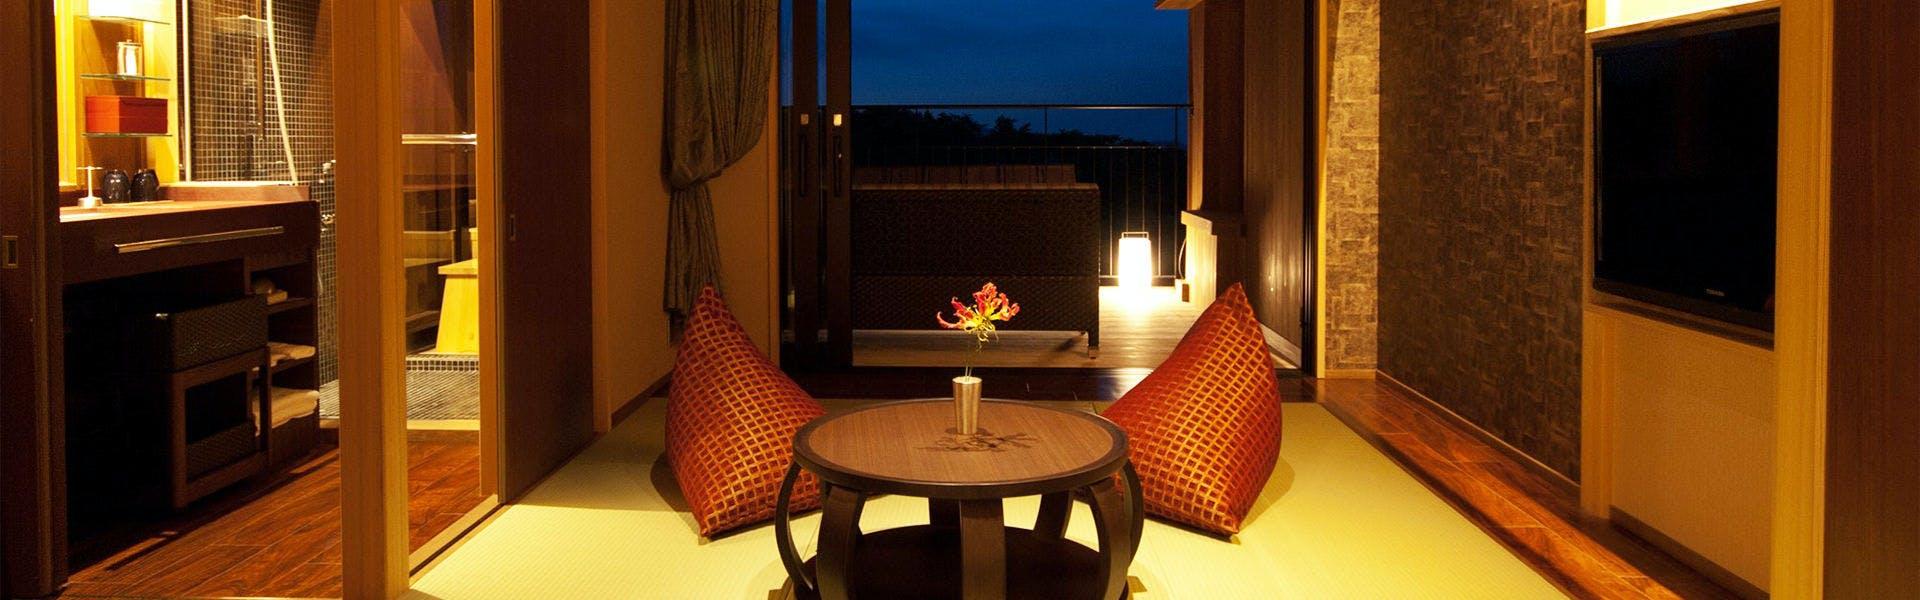 記念日におすすめのホテル・ホテルラフォーレ修善寺 山紫水明の写真3